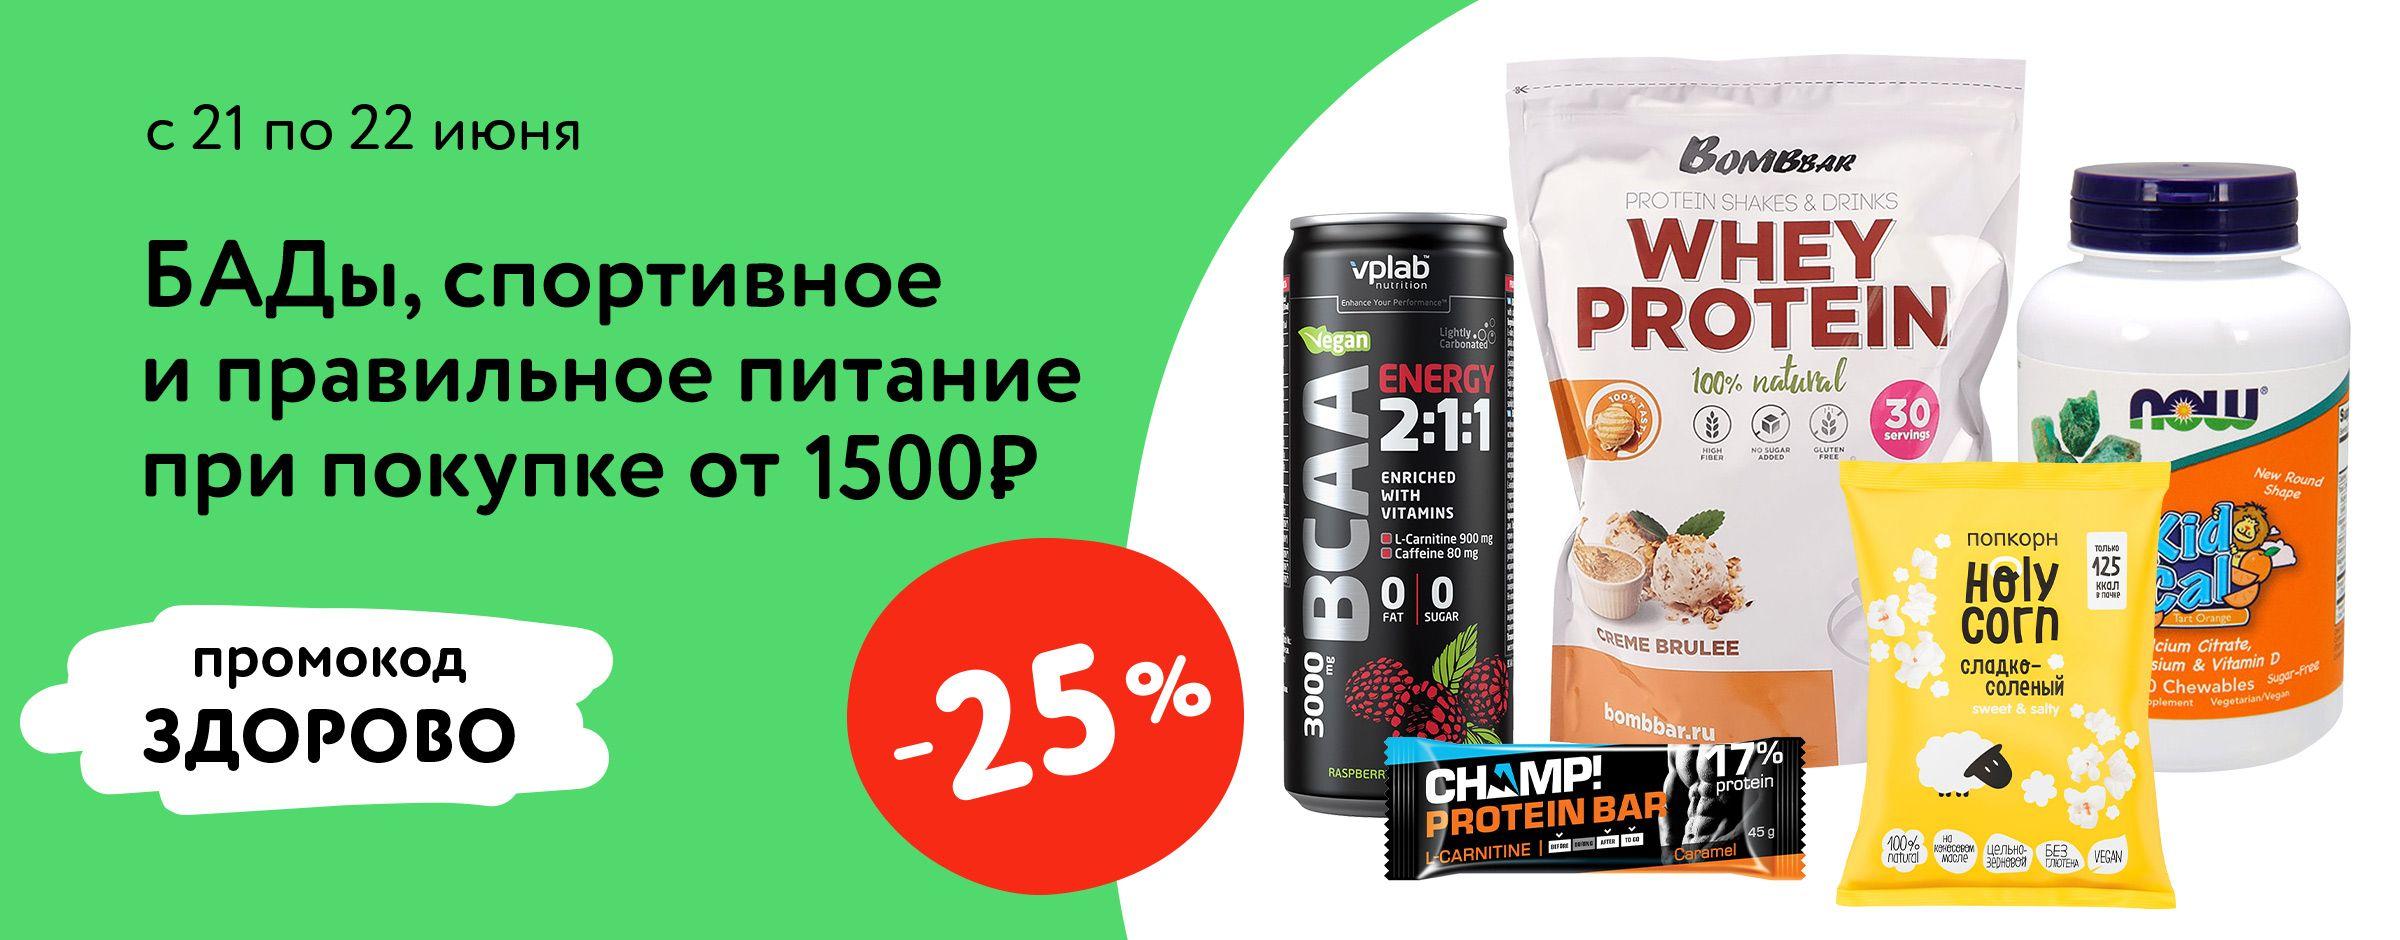 25% при покупке БАДов, СП и ПП от 1500 р по промокоду ЗДОРОВО статика + категории